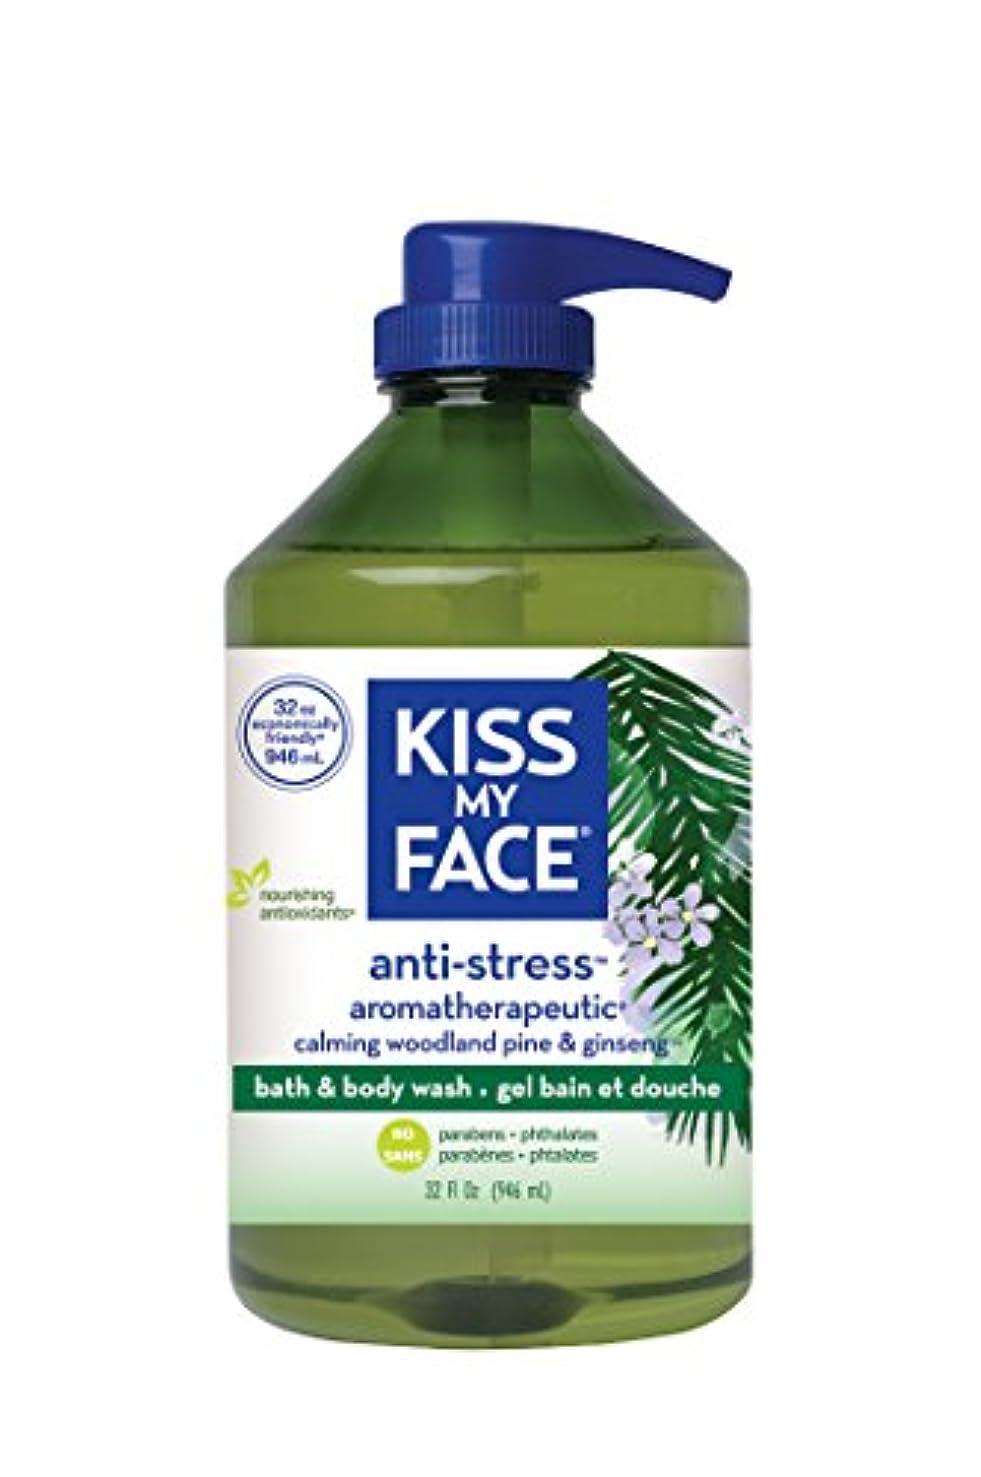 確保する寛容バイソン海外直送品Kiss My Face Anti-Stress Shower Gel, 32 oz